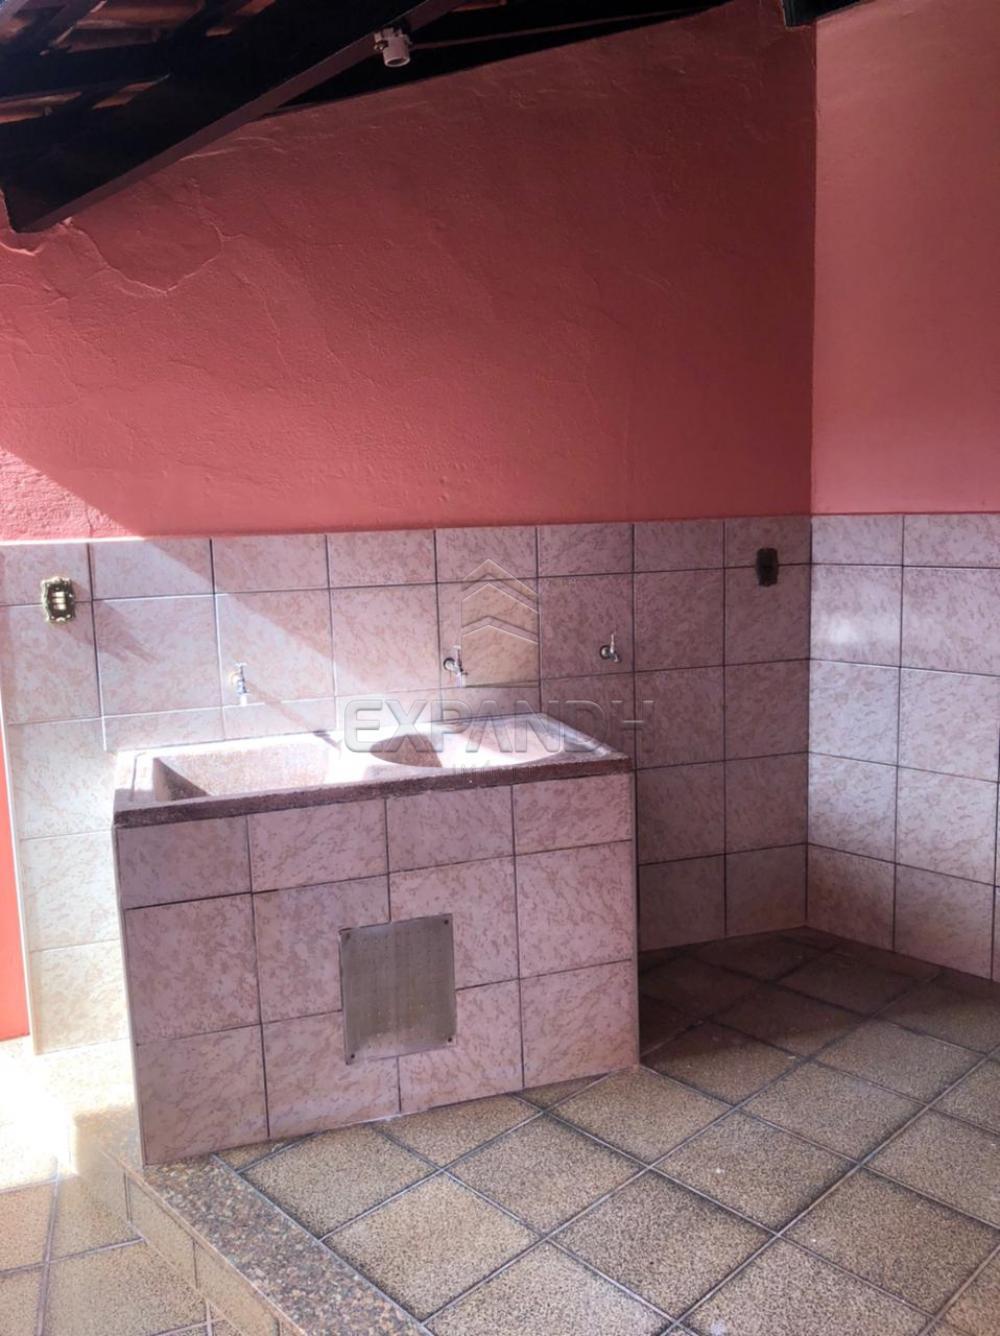 Alugar Casas / Padrão em Sertãozinho R$ 1.600,00 - Foto 27